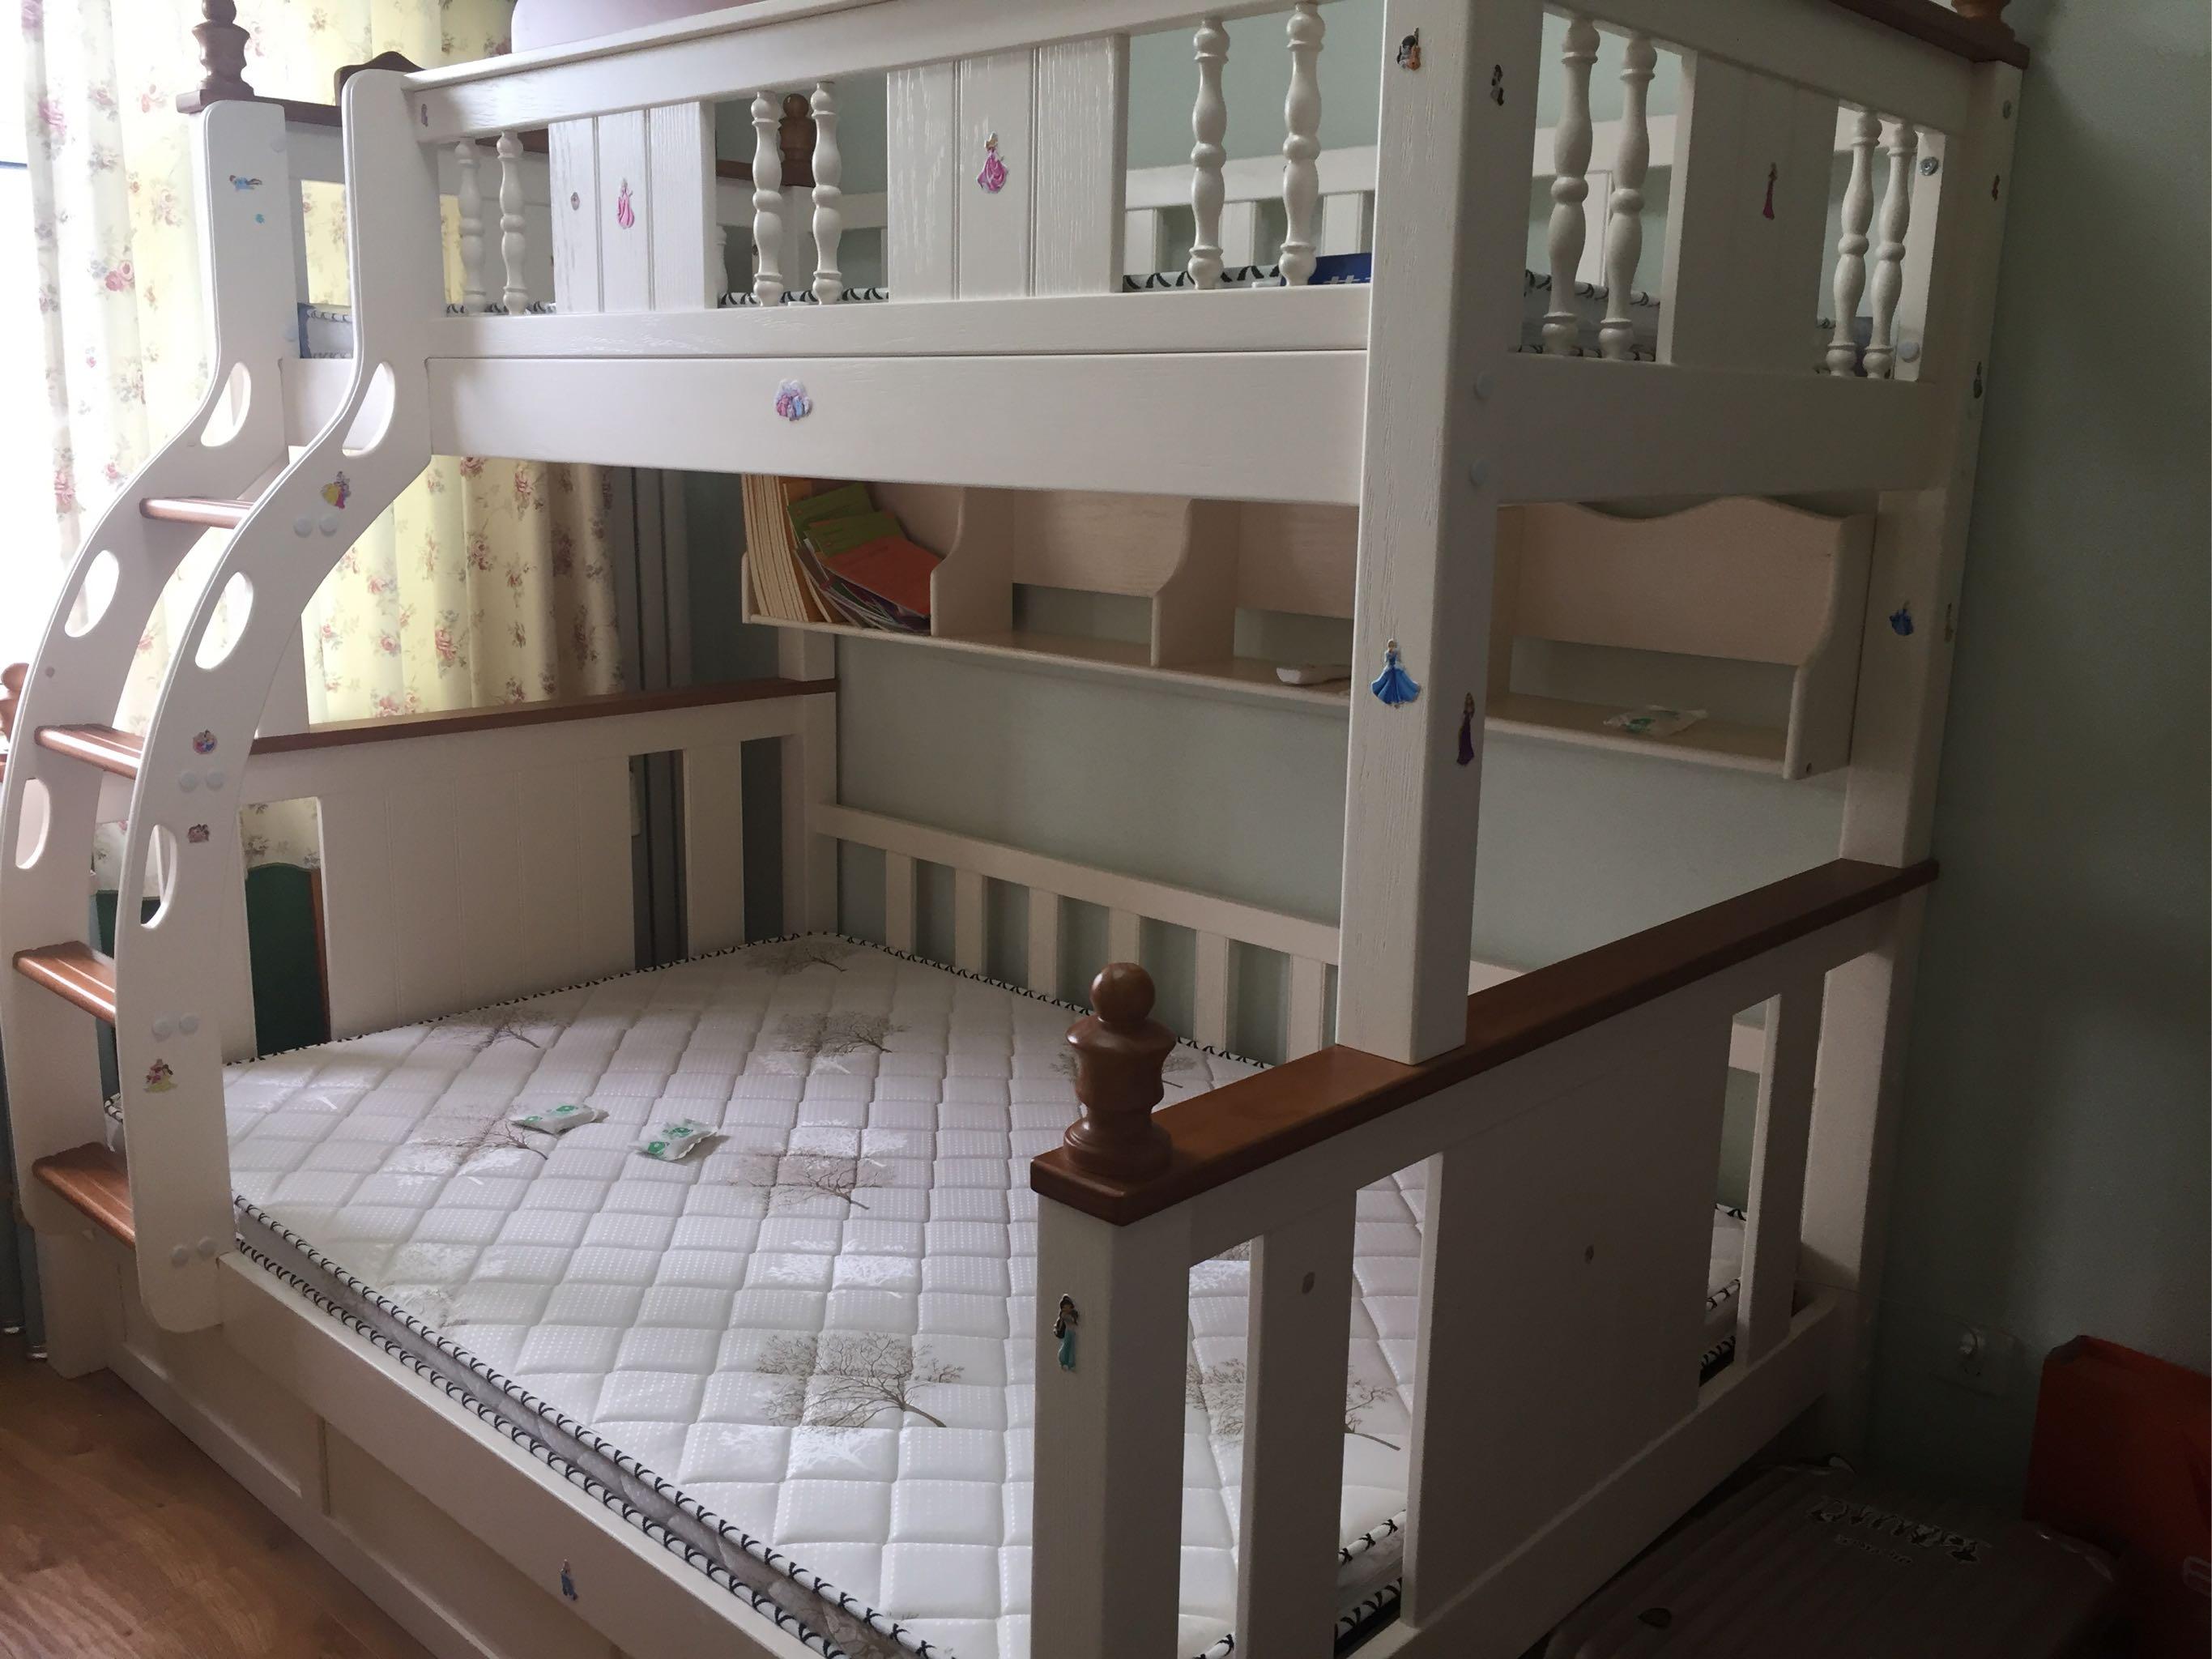 新买了一个儿童床和宝宝分床睡,用德宣甲醛宝除甲醛使用经过